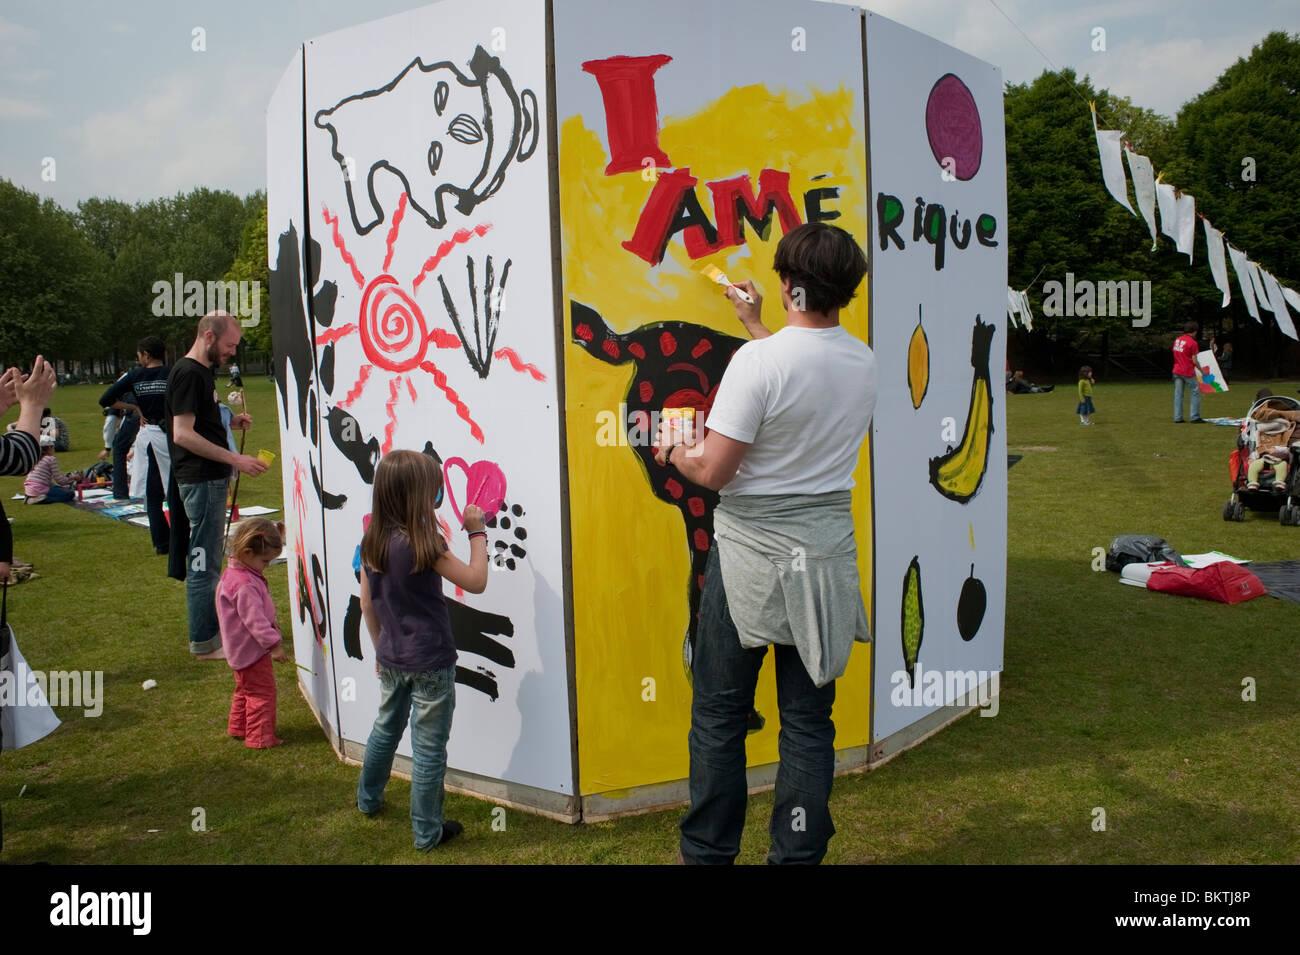 Journée mondiale de la journée 'commerce équitable', avec des gens painting wall, sur la Photo Stock